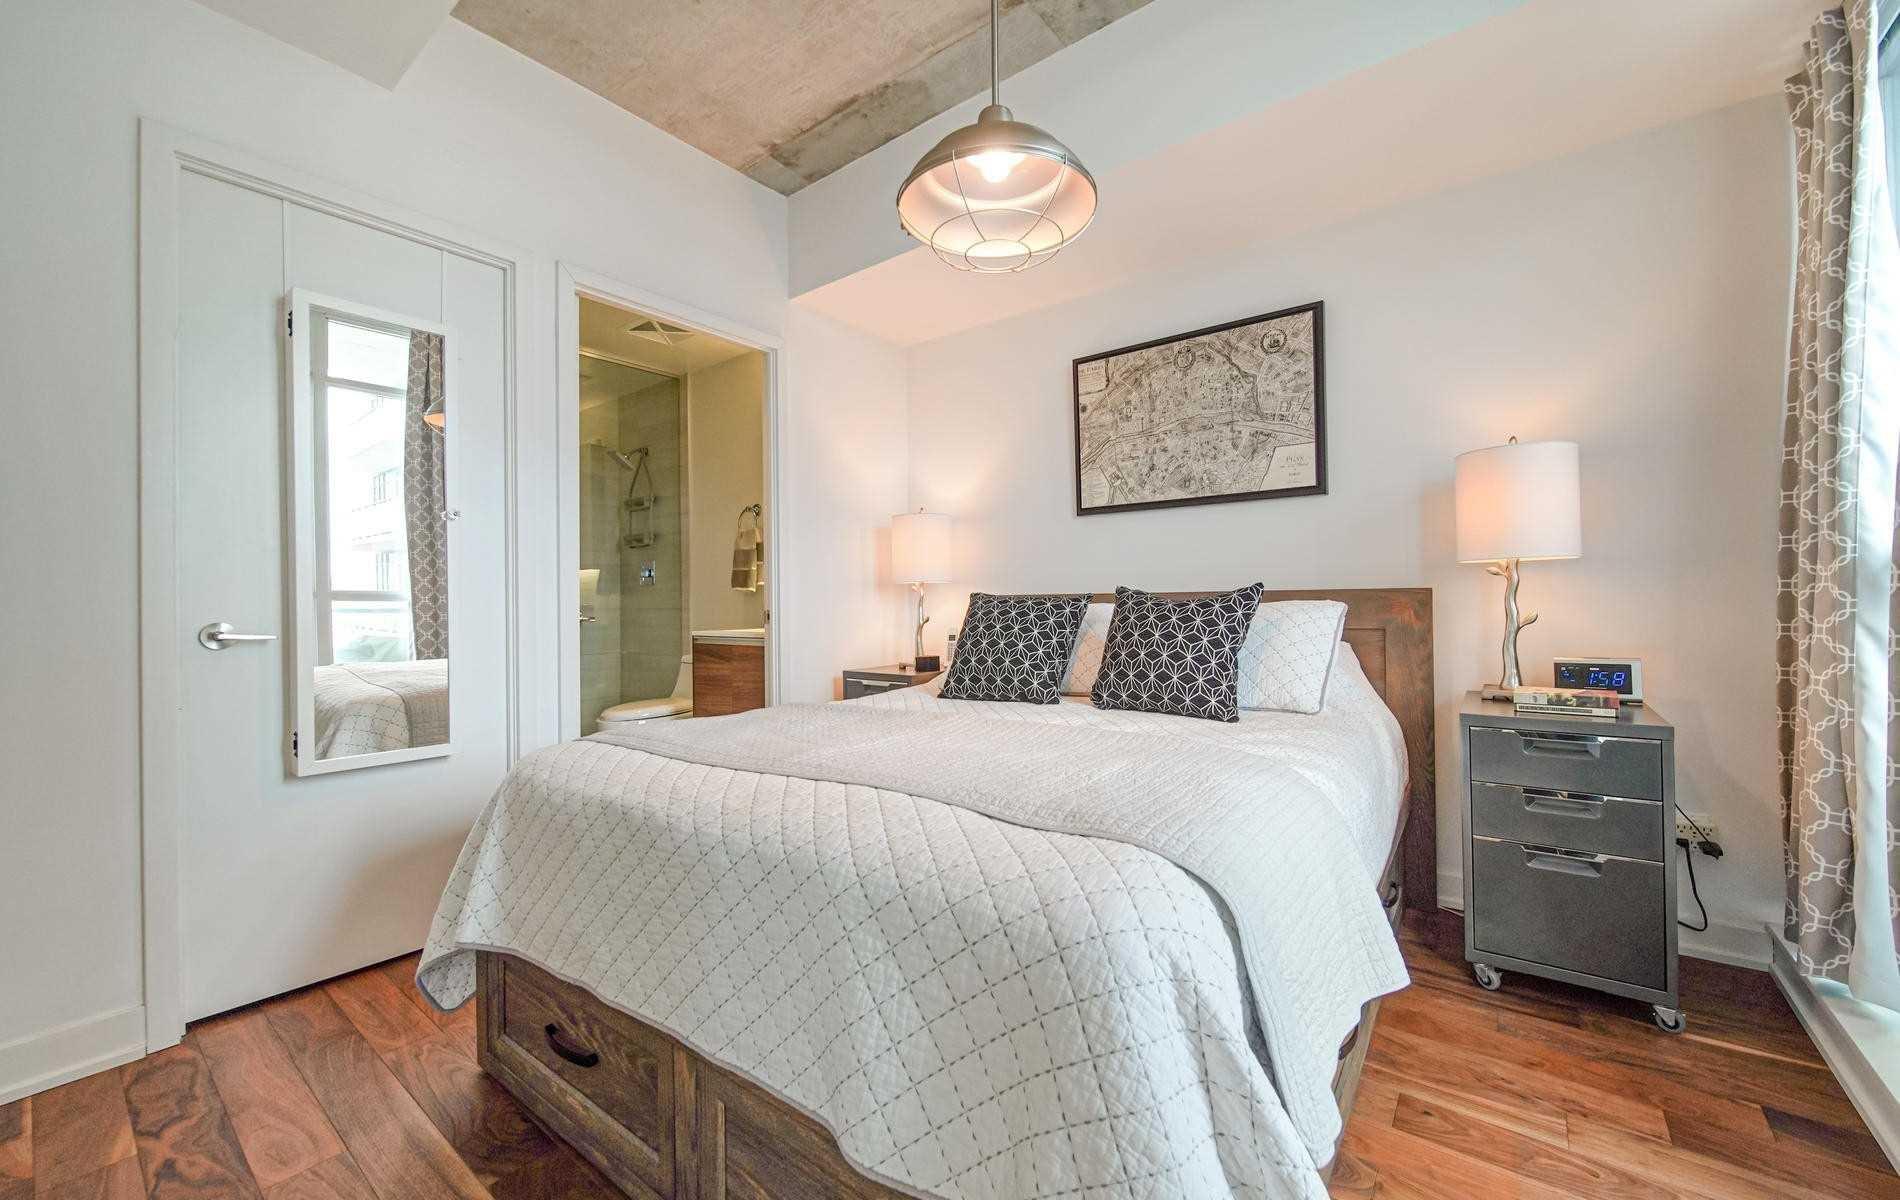 Photo 12: Photos: 702 1190 E Dundas Street in Toronto: South Riverdale Condo for sale (Toronto E01)  : MLS®# E4766173